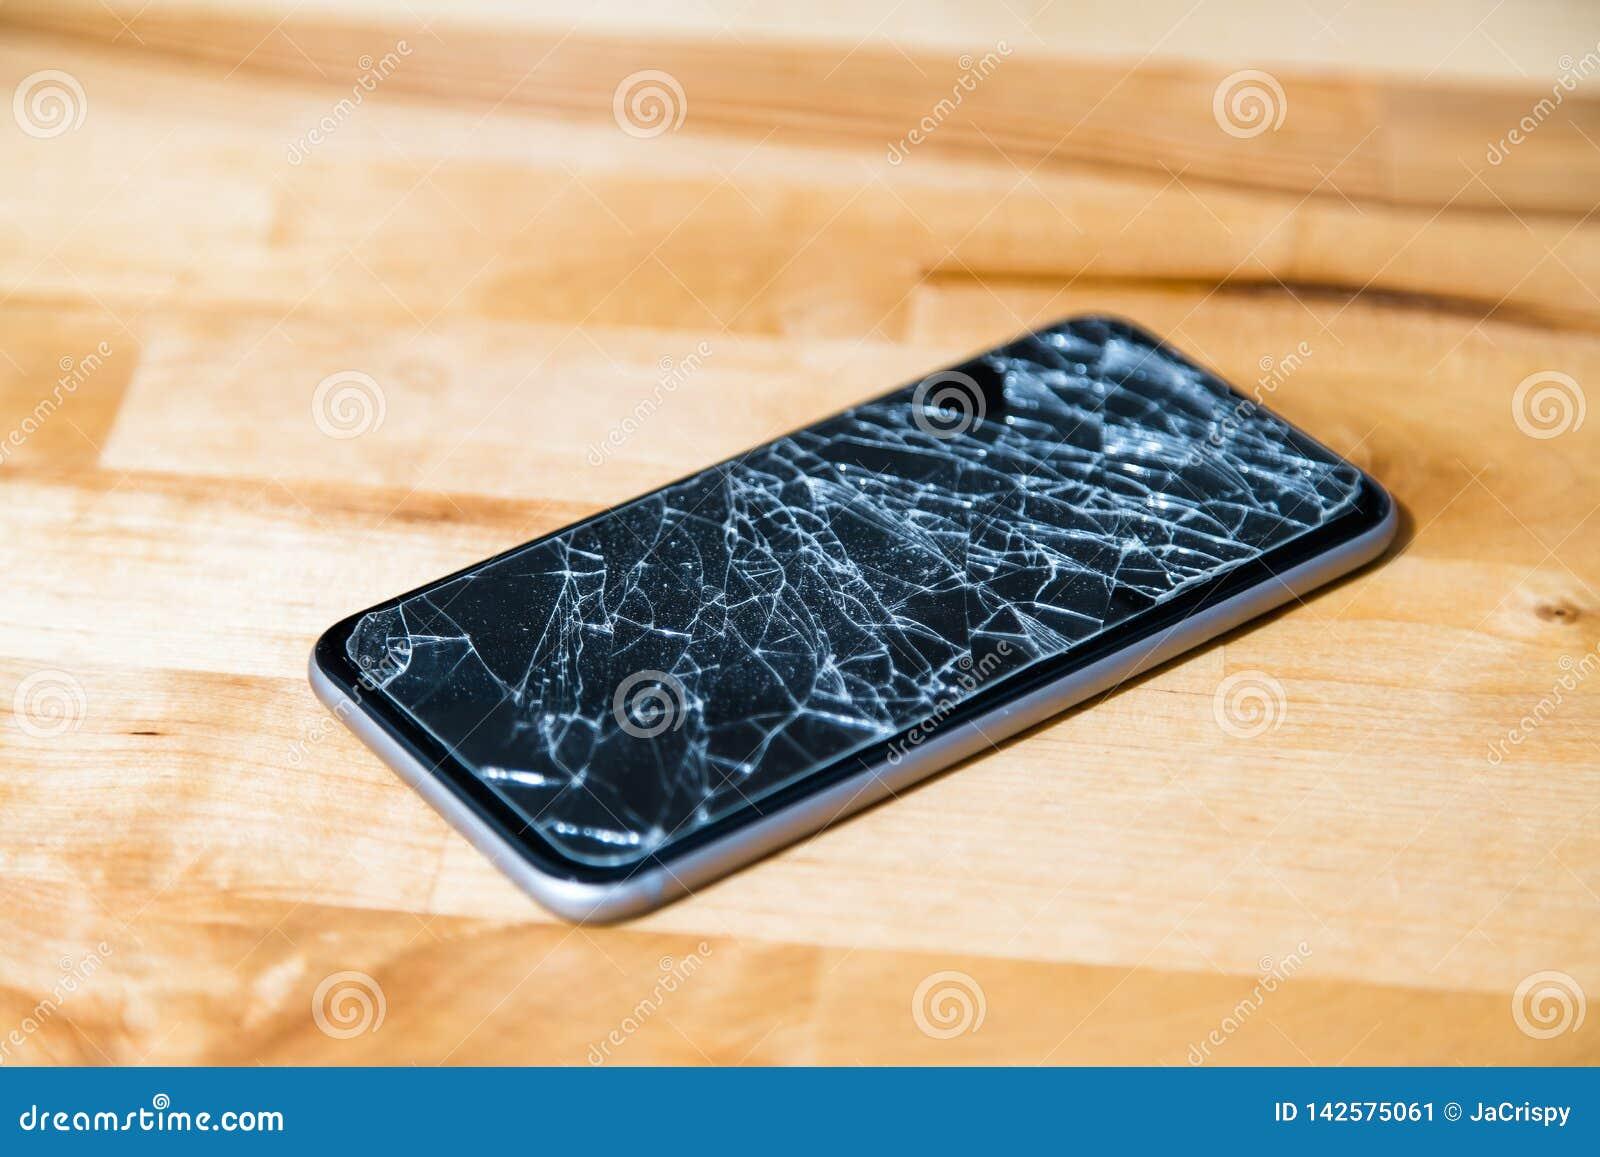 Concept smartphone met het gebroken scherm Hoogste mening over houten bureauachtergrond Gebarsten, verbrijzeld lcd touch screen o